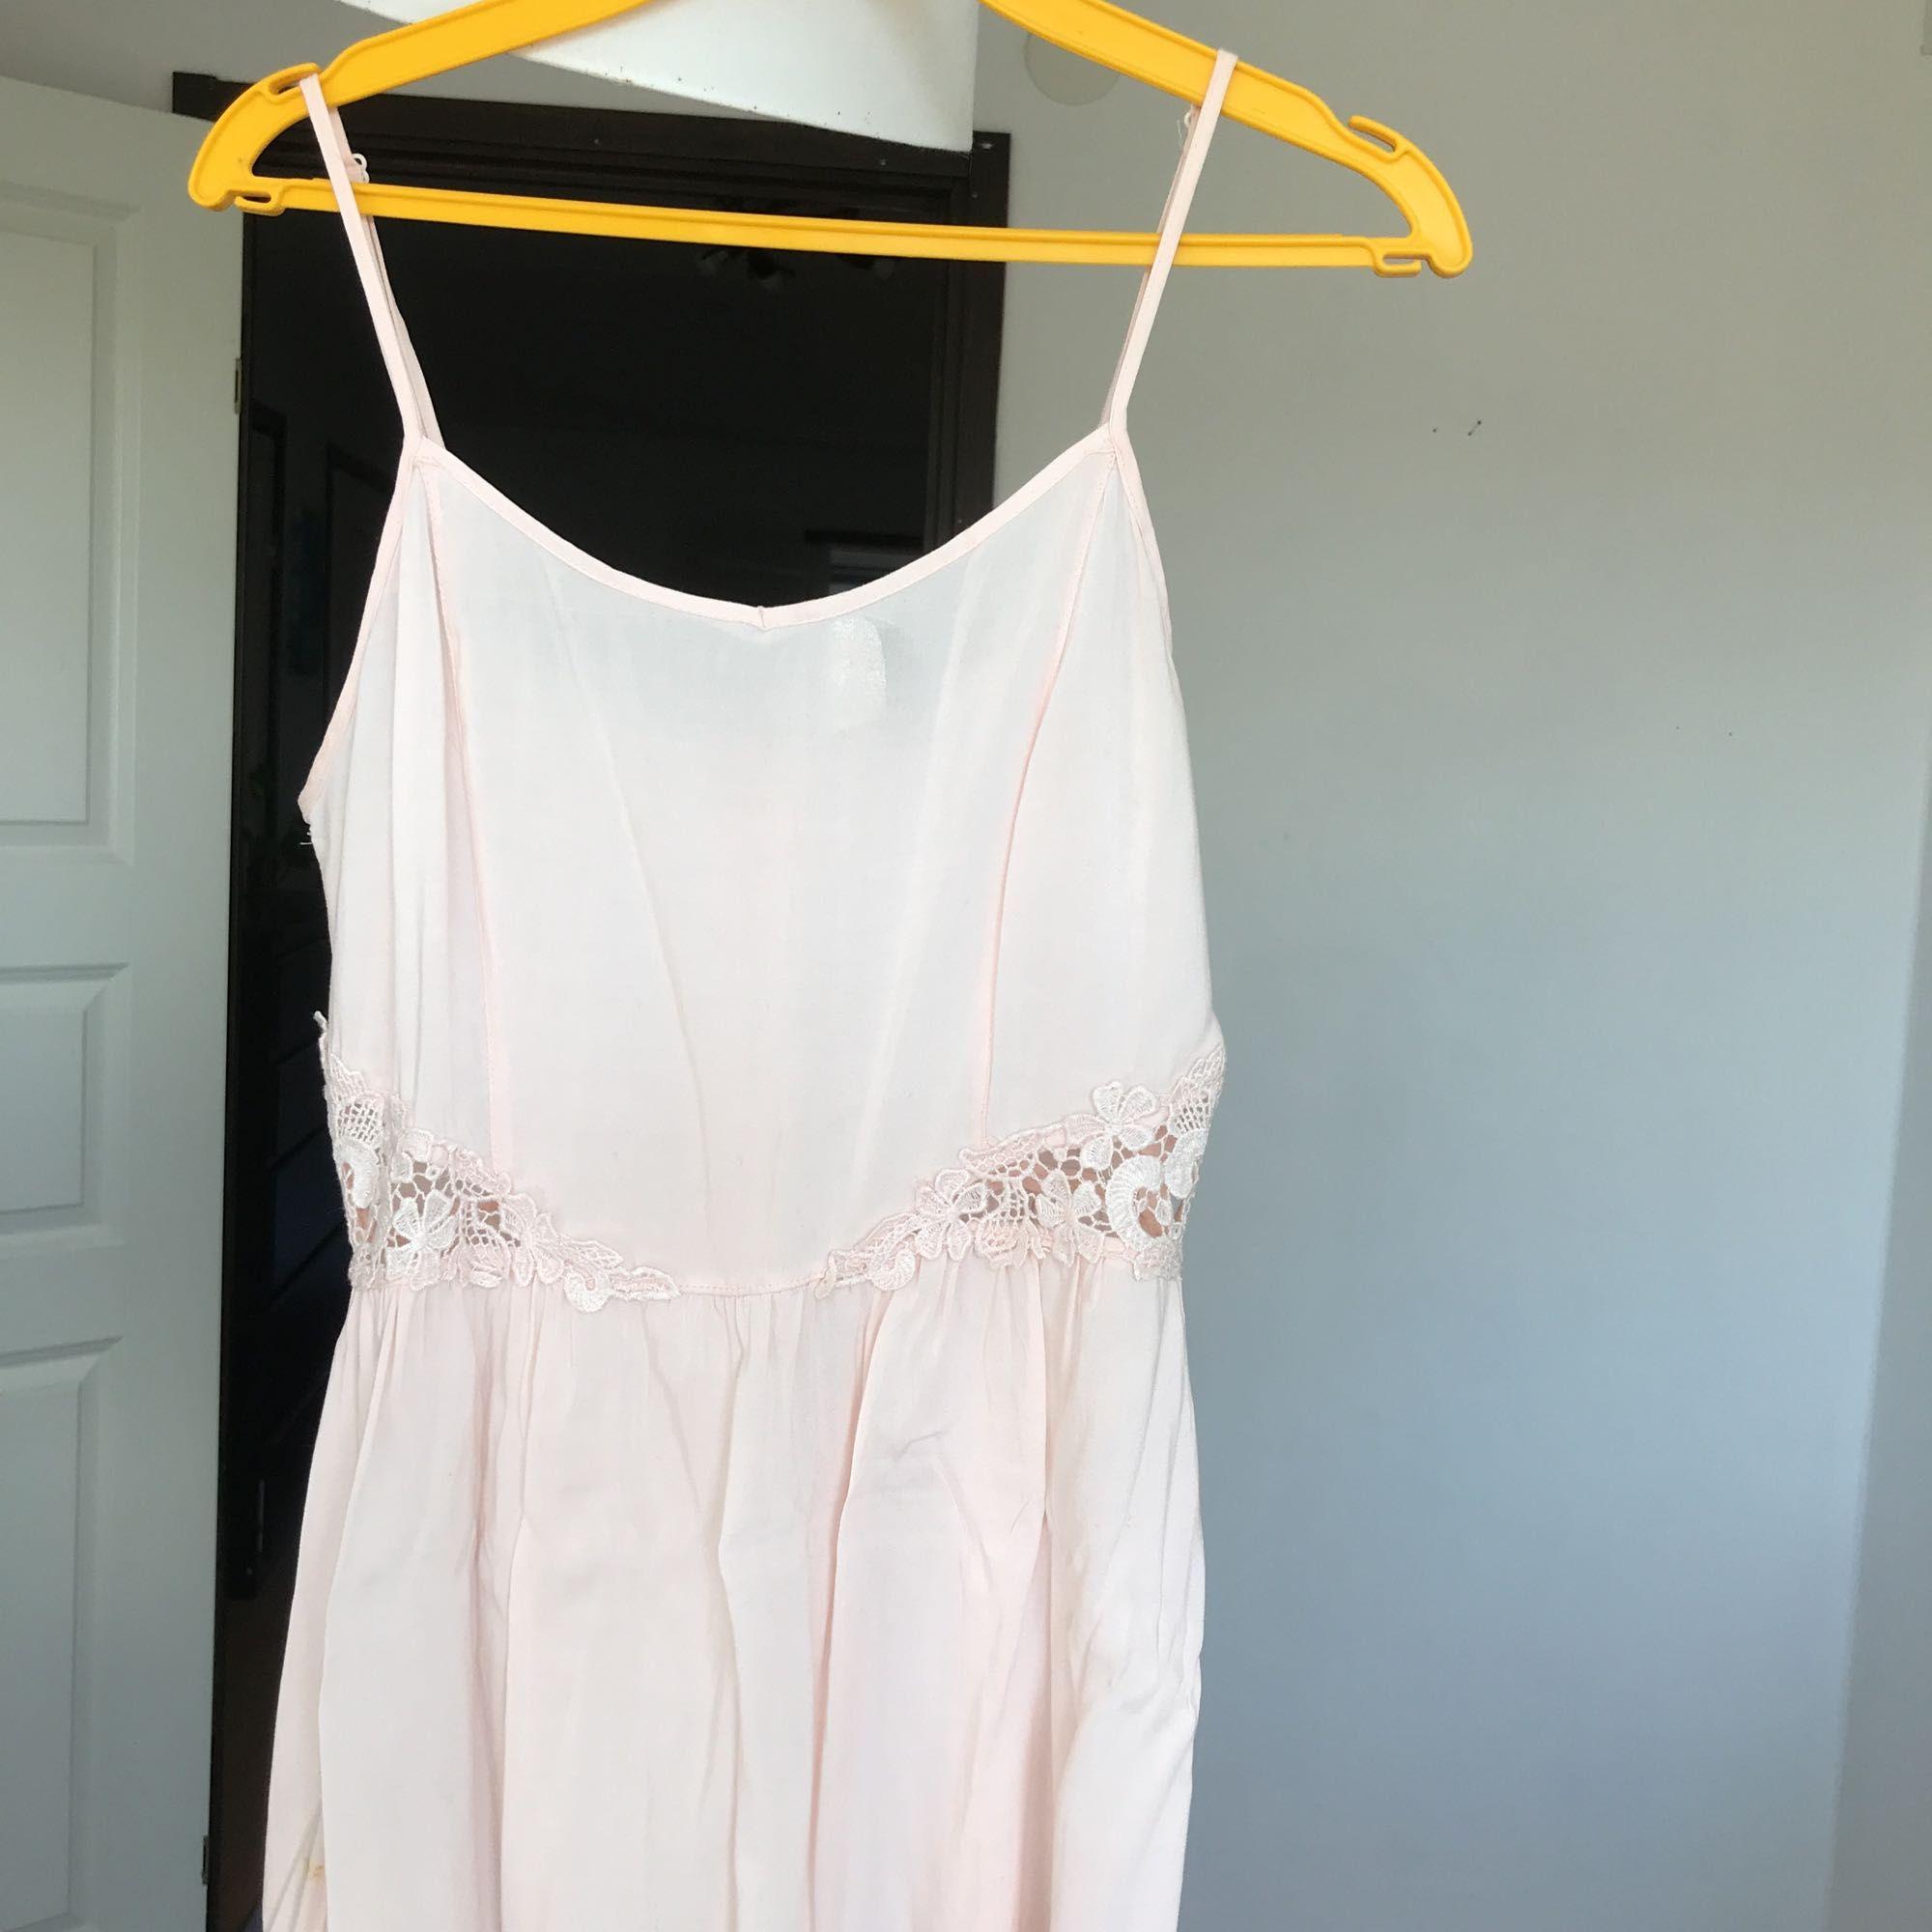 c1a12d1eab8d Flowy klänning från h&m i ljusrosa. Fina spetsparti i midjan där man ser  huden lite ...